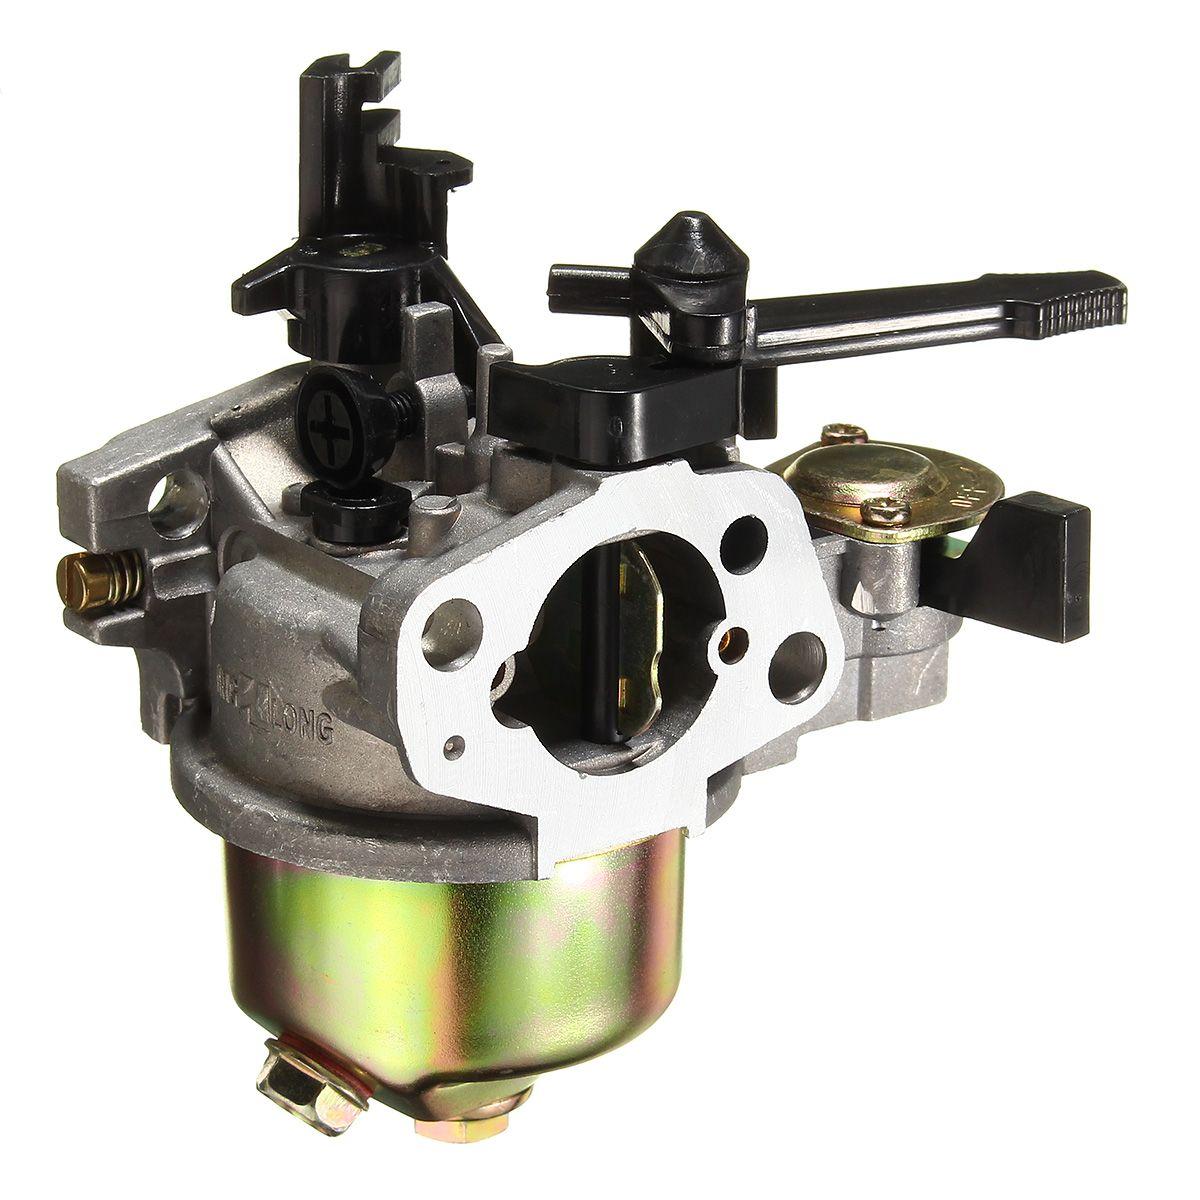 Carburador Autoleader, carburador ajustable para coches GX270 8HP 9HP 16100-ZE2-W71 1616100-ZH9-820